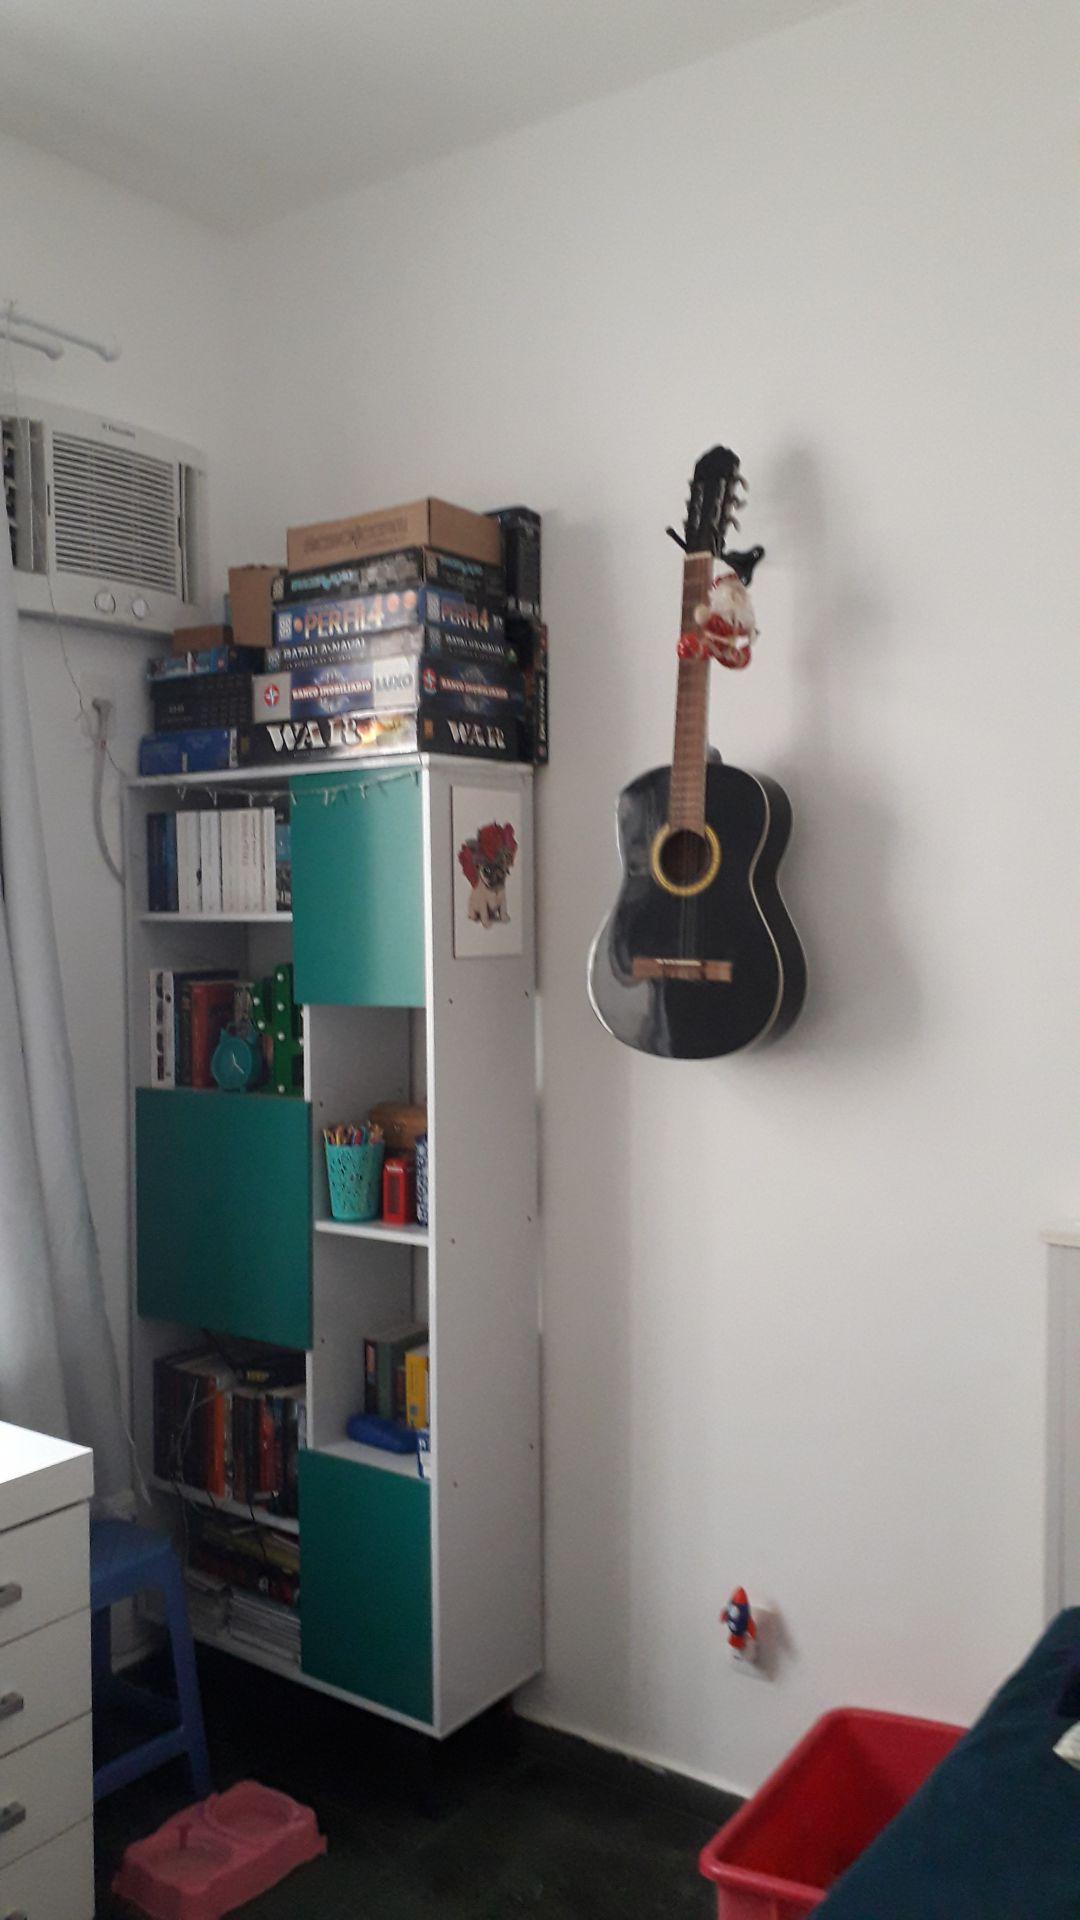 QUARTO 2 - Apartamento Rua visconde de santa isabel,Grajaú, Grajaú,Rio de Janeiro, RJ À Venda, 2 Quartos, 59m² - 000484 - 18